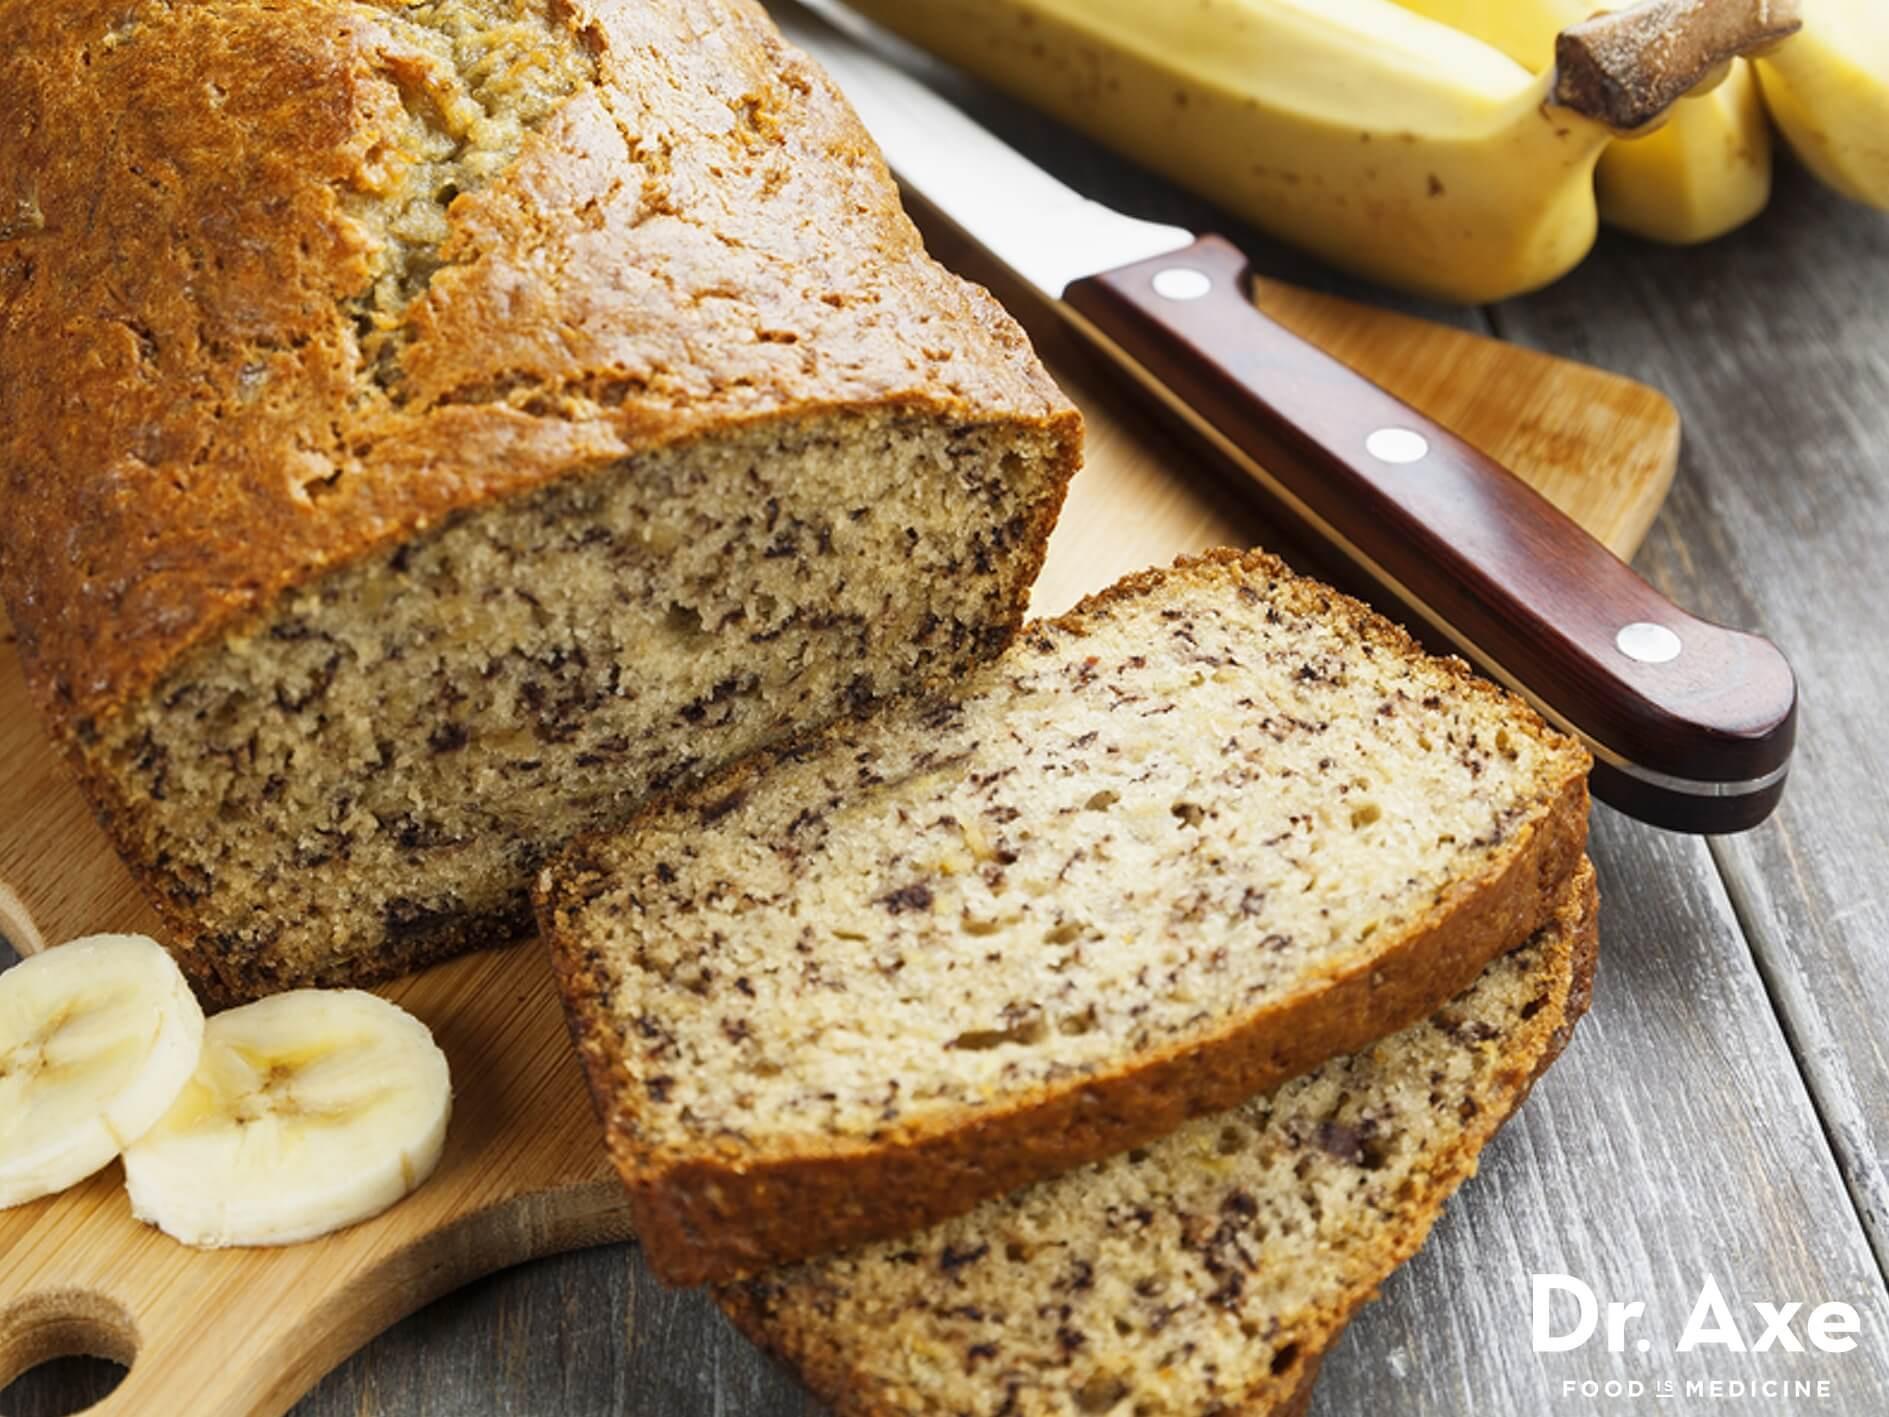 Gluten Free Banana Bread Recipe  Gluten Free Banana Bread Recipe DrAxe